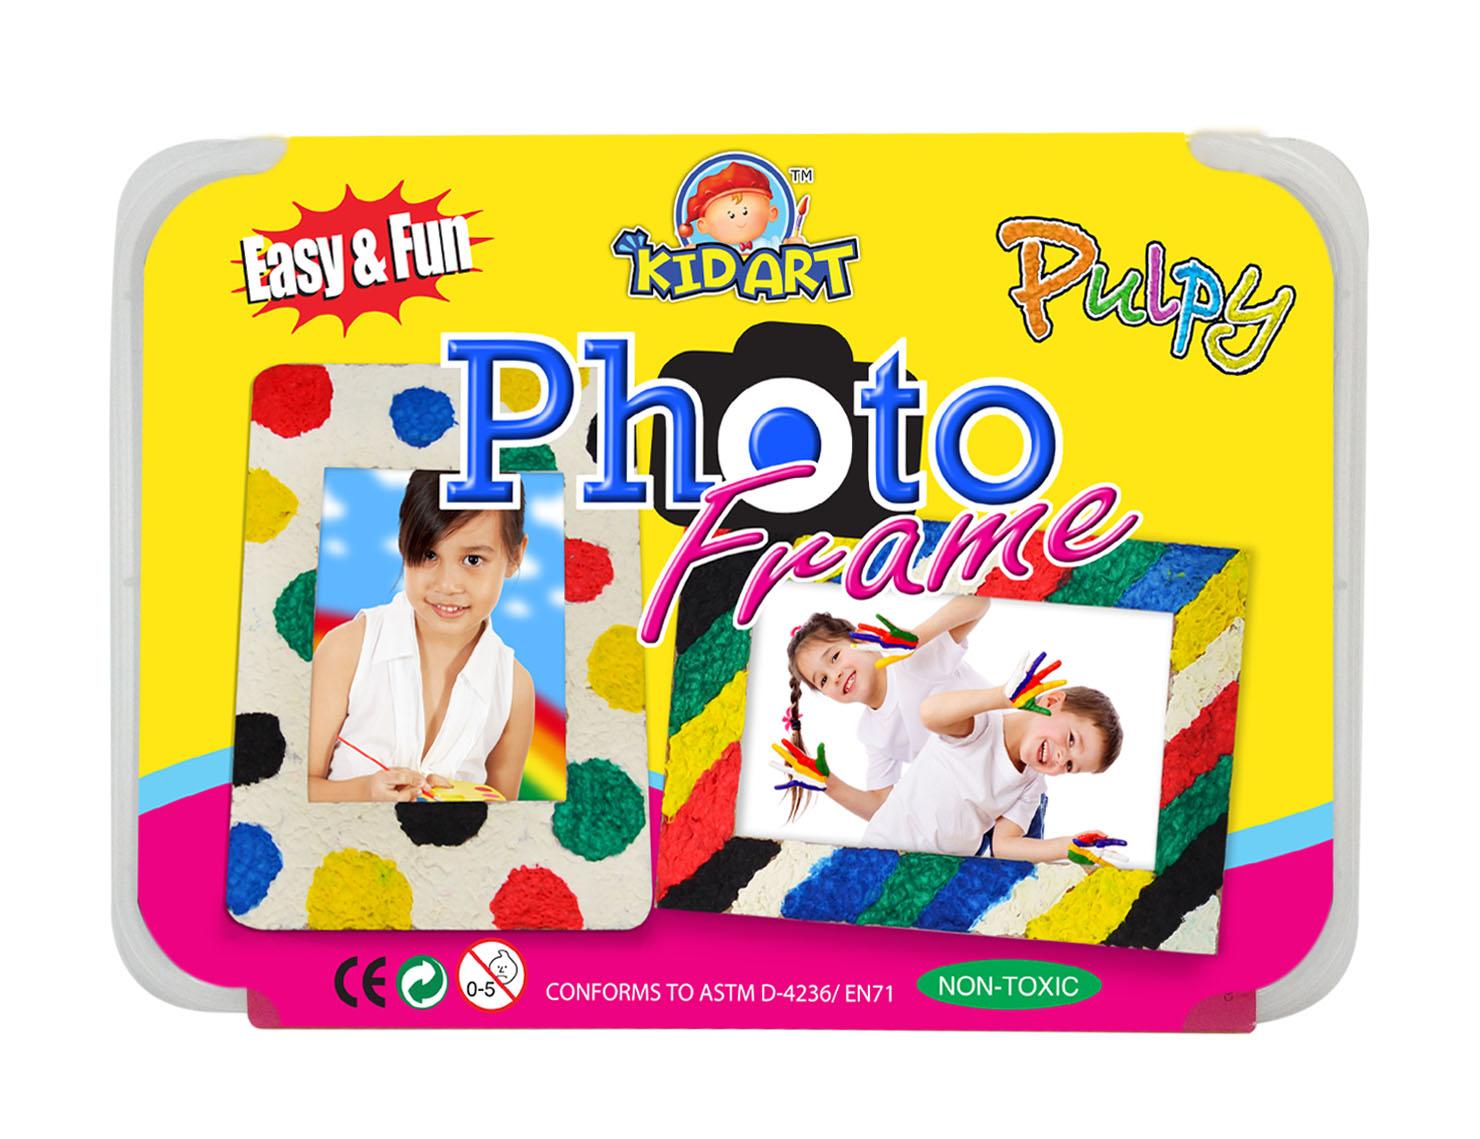 ชุดประดิษฐ์กรอบรูปเปเปอร์มาเซ่พร้อมระบายสี (D.I.Y Pulpy- Photo Frame)